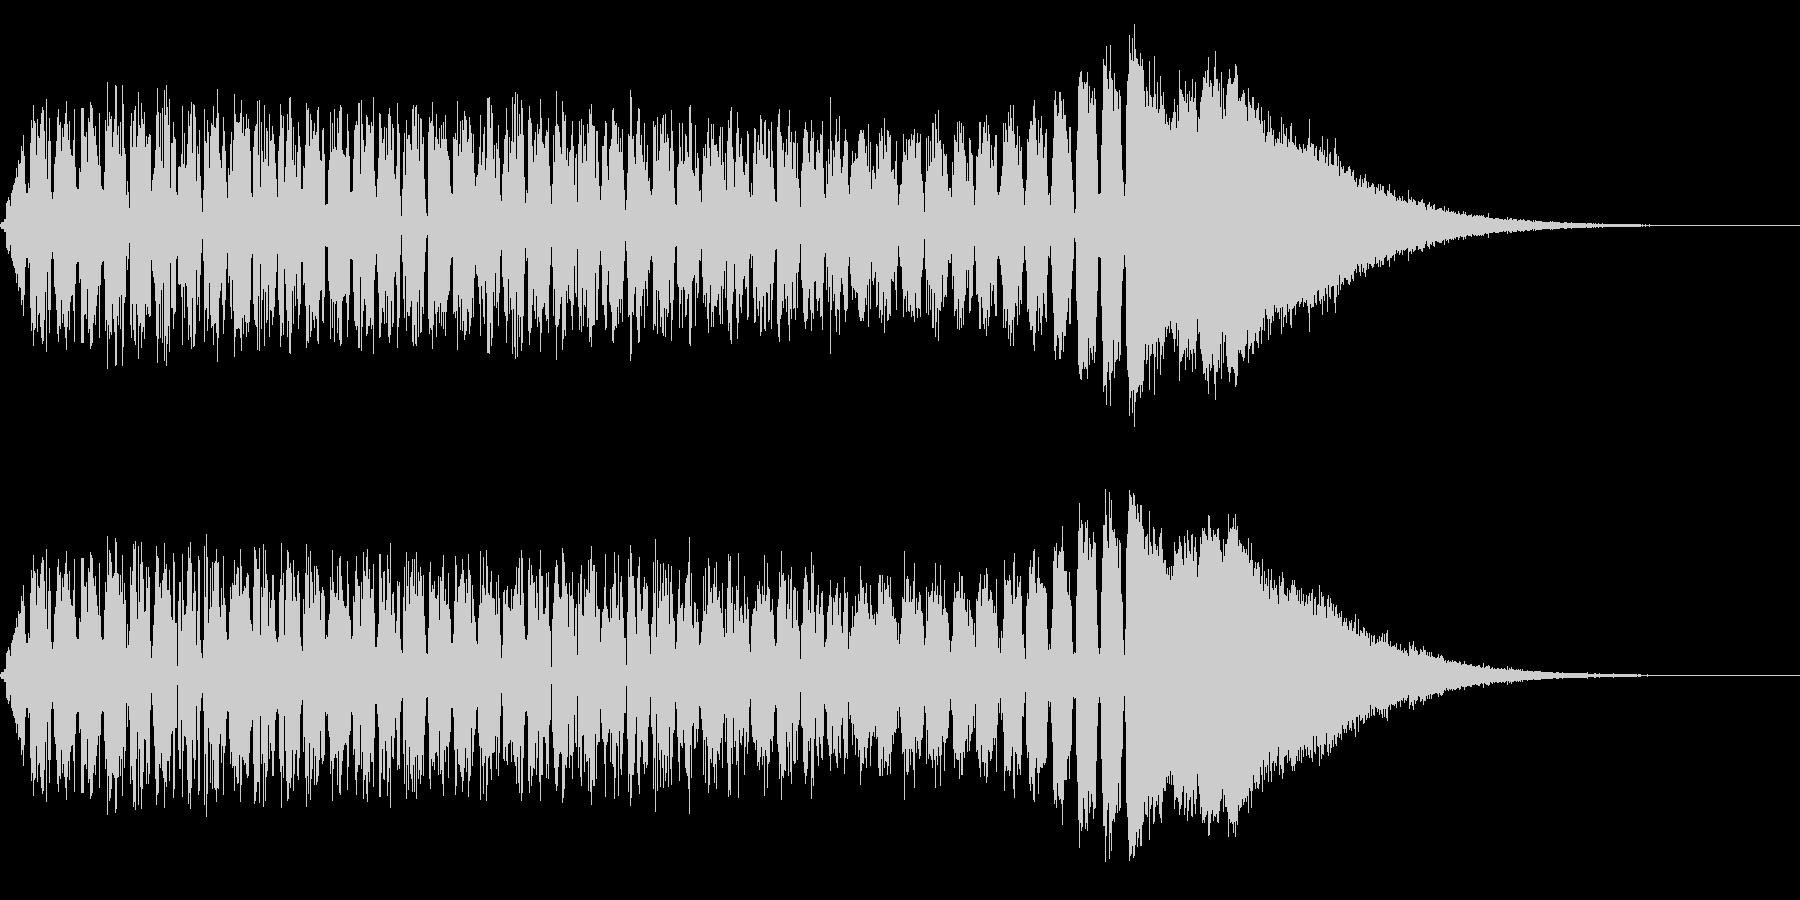 低音から高音へと変化するノイズサウンド…の未再生の波形